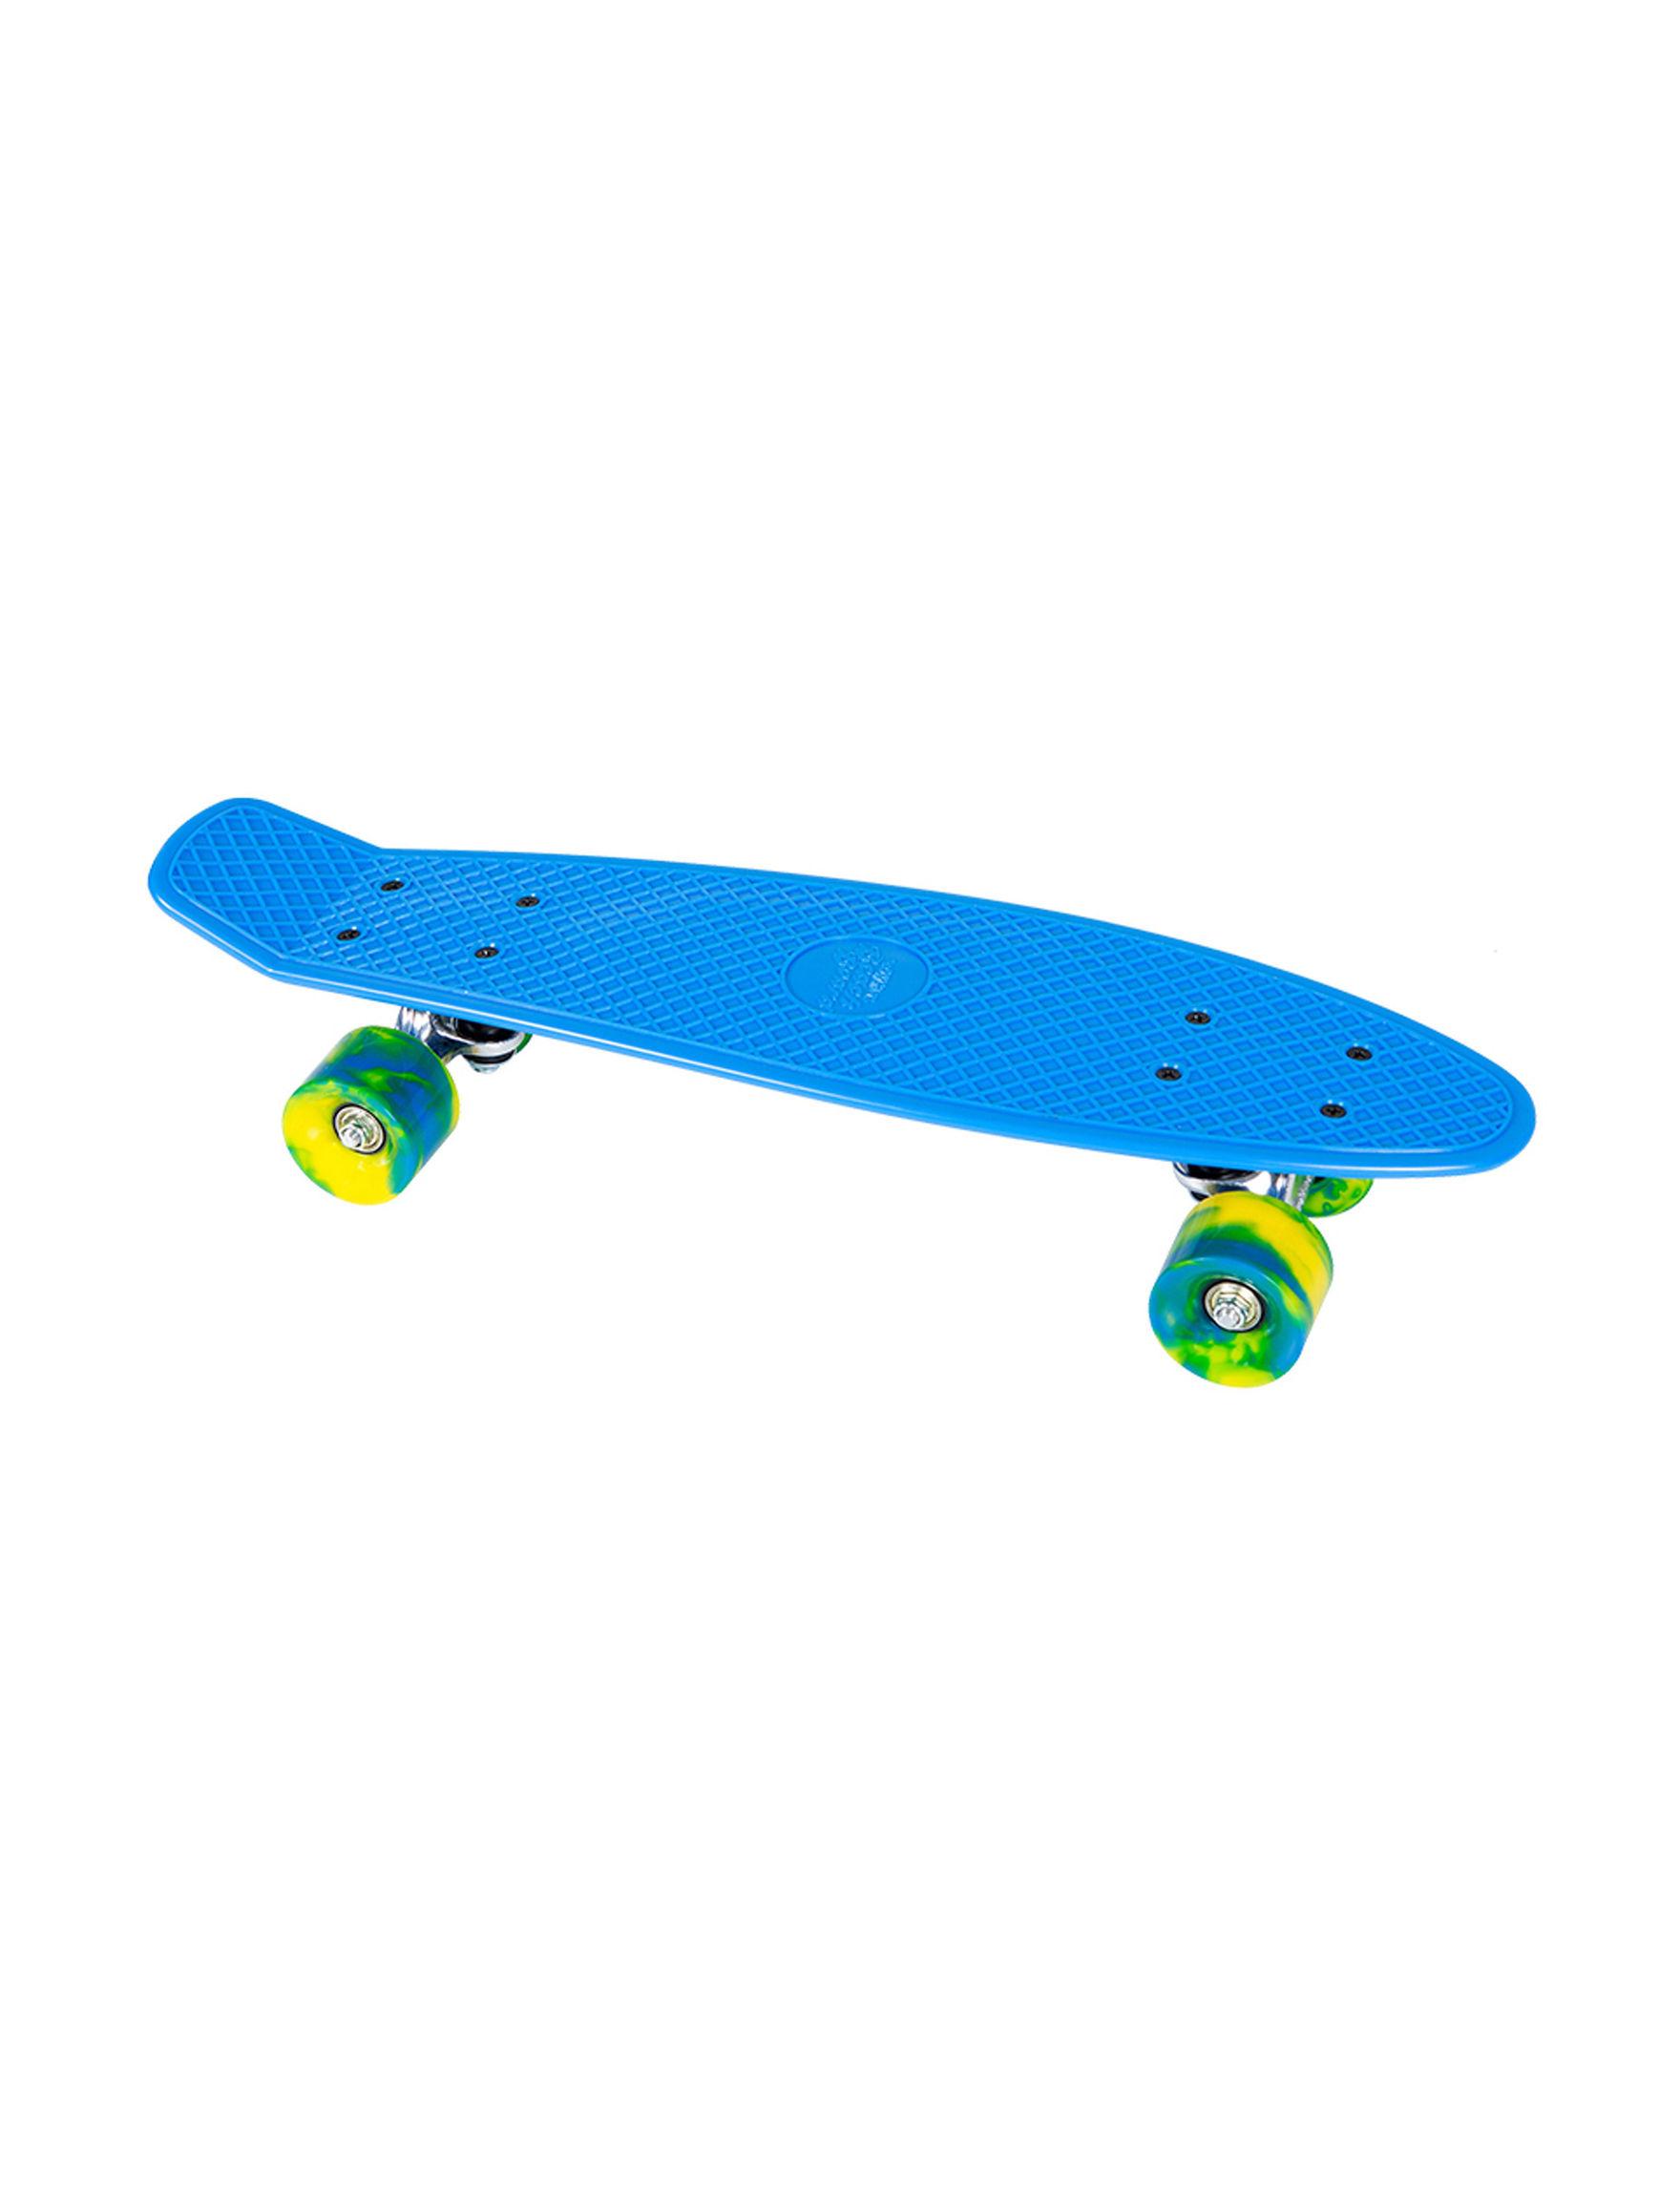 Street Surfing Blue